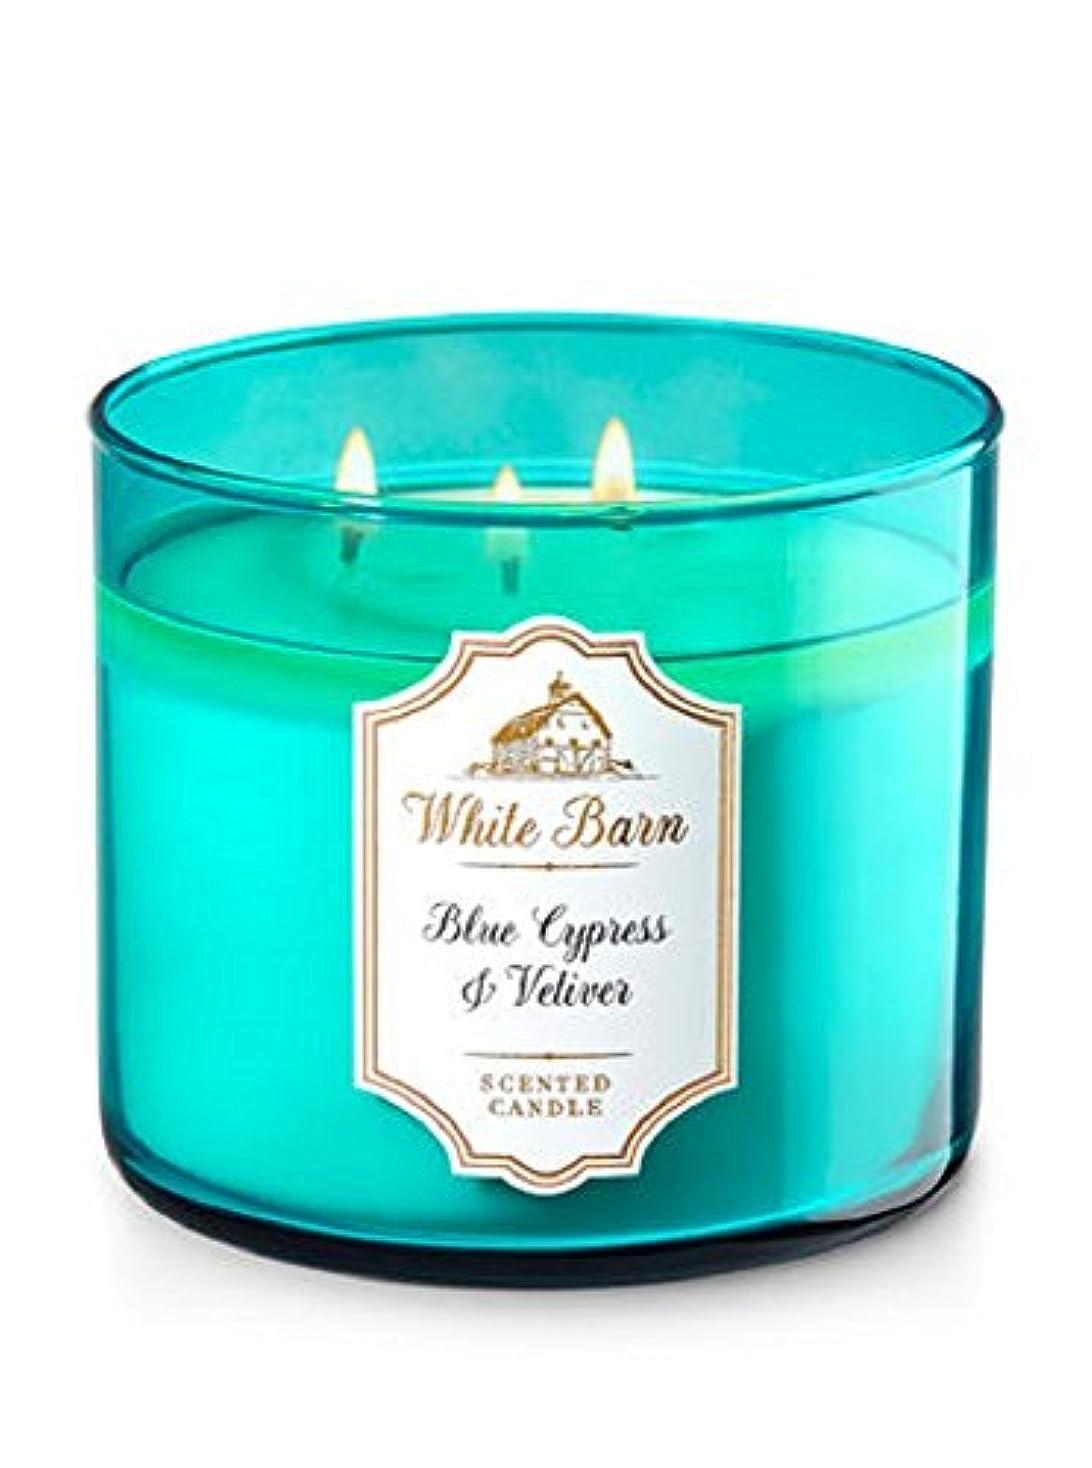 感動する膨らみ神経障害Bath & Body Works 3-wick Candle inブルーCypress Vetiver